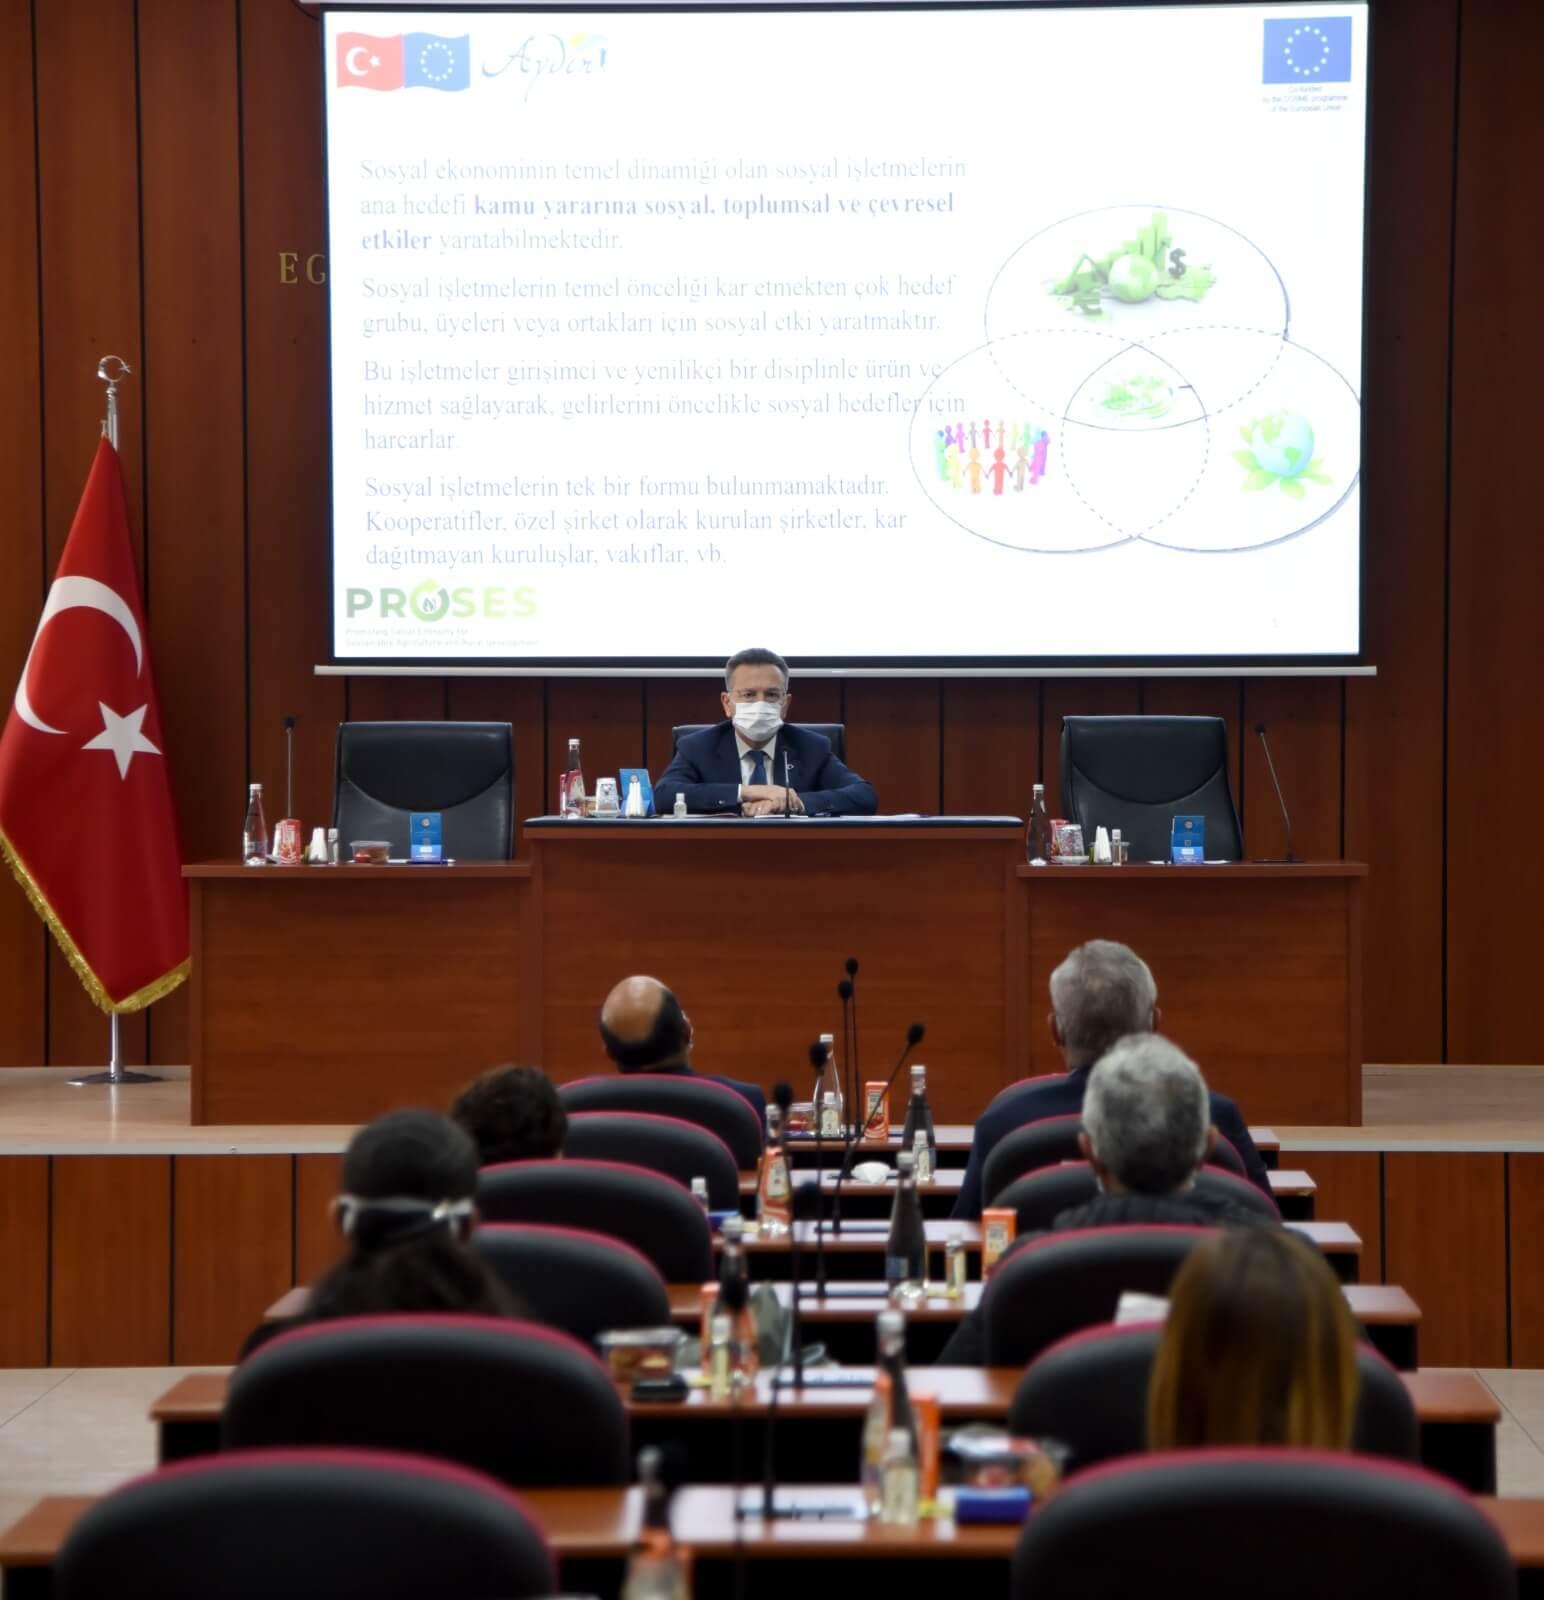 13.04.2021 Sürdürülebilir Tarım ve Kırsal Kalkınma için Sosyal Ekonominin Geliştirilmesi Projesinin Açılış Toplantısına Aydın Ticaret Borsası Yönetim Kurulu Başkanı Fevzi Çondur Katılım Sağladı